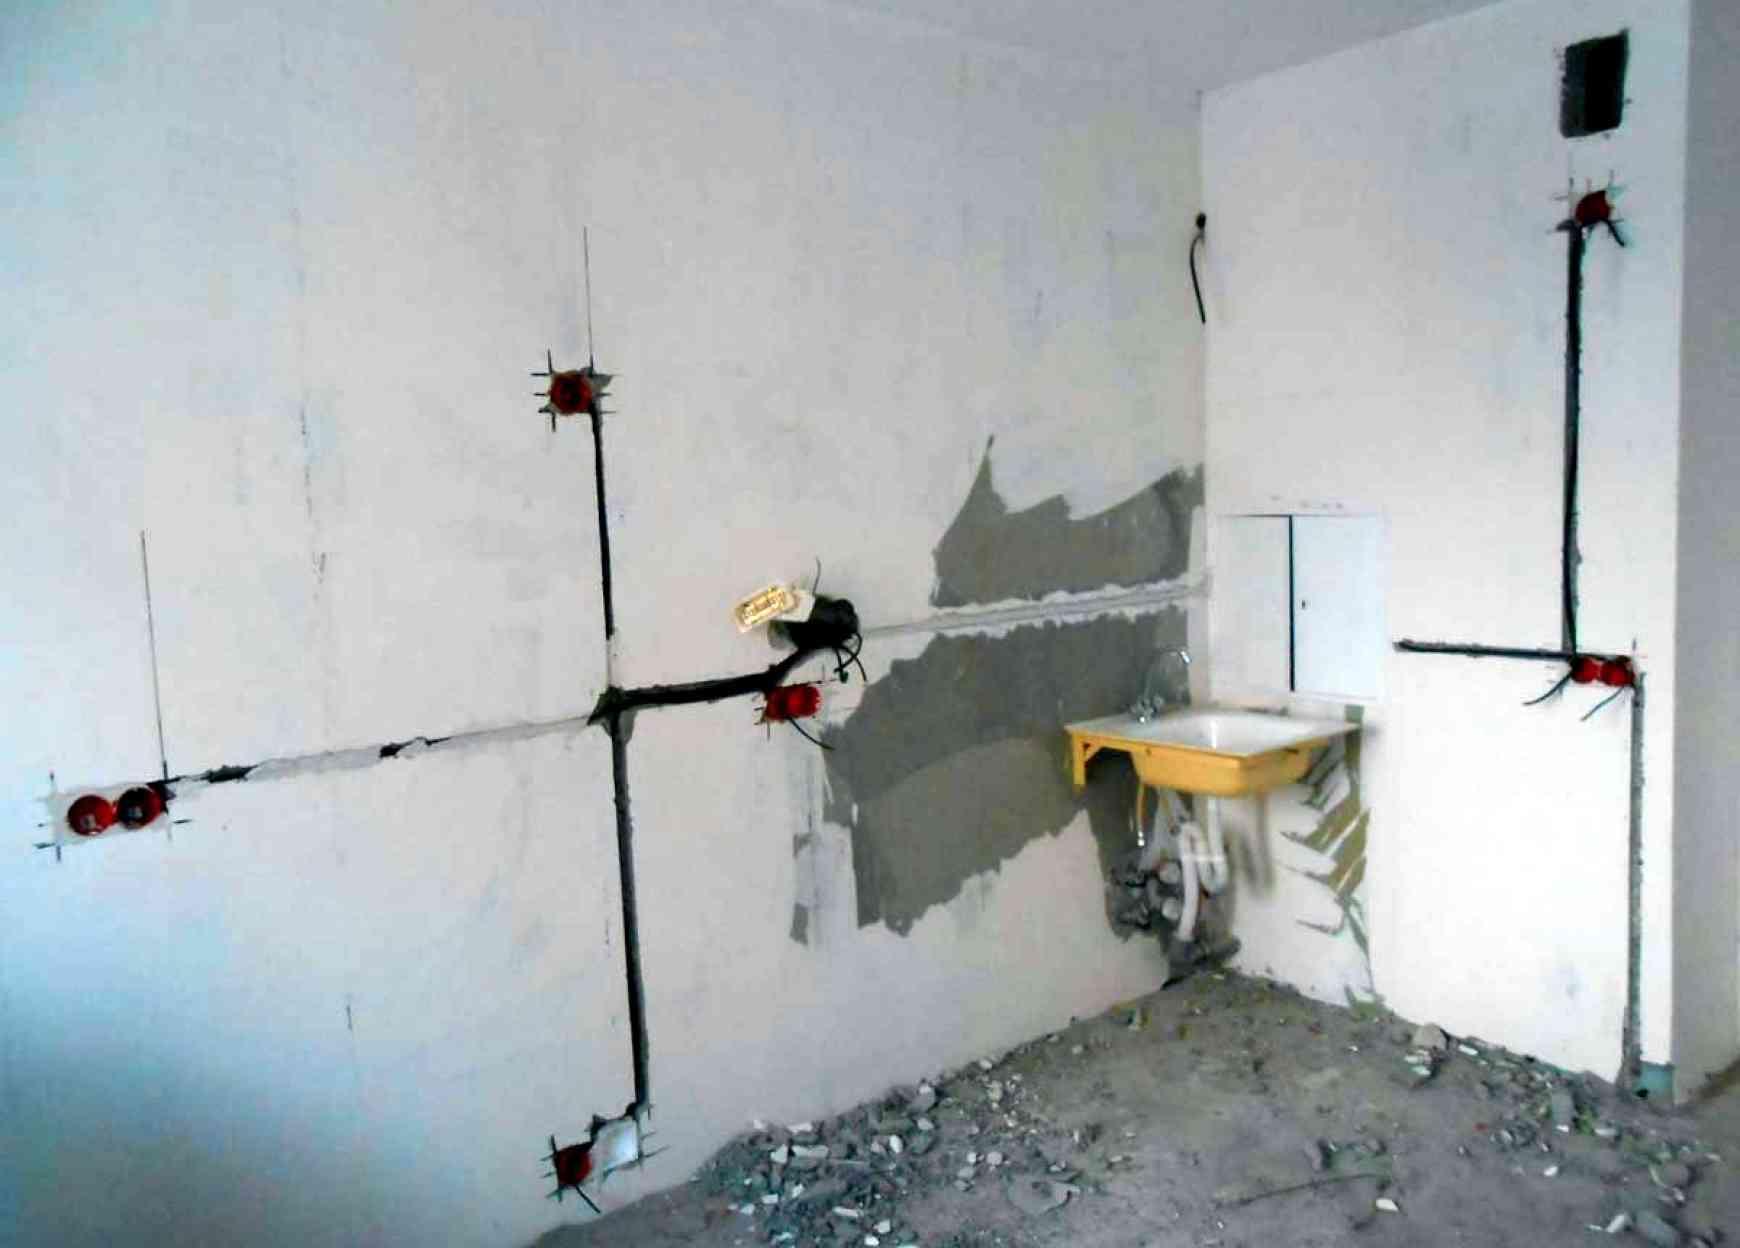 Как перенести розетку в панельном доме своими руками - правила переноса на противоположную стену без штробления и с ним!